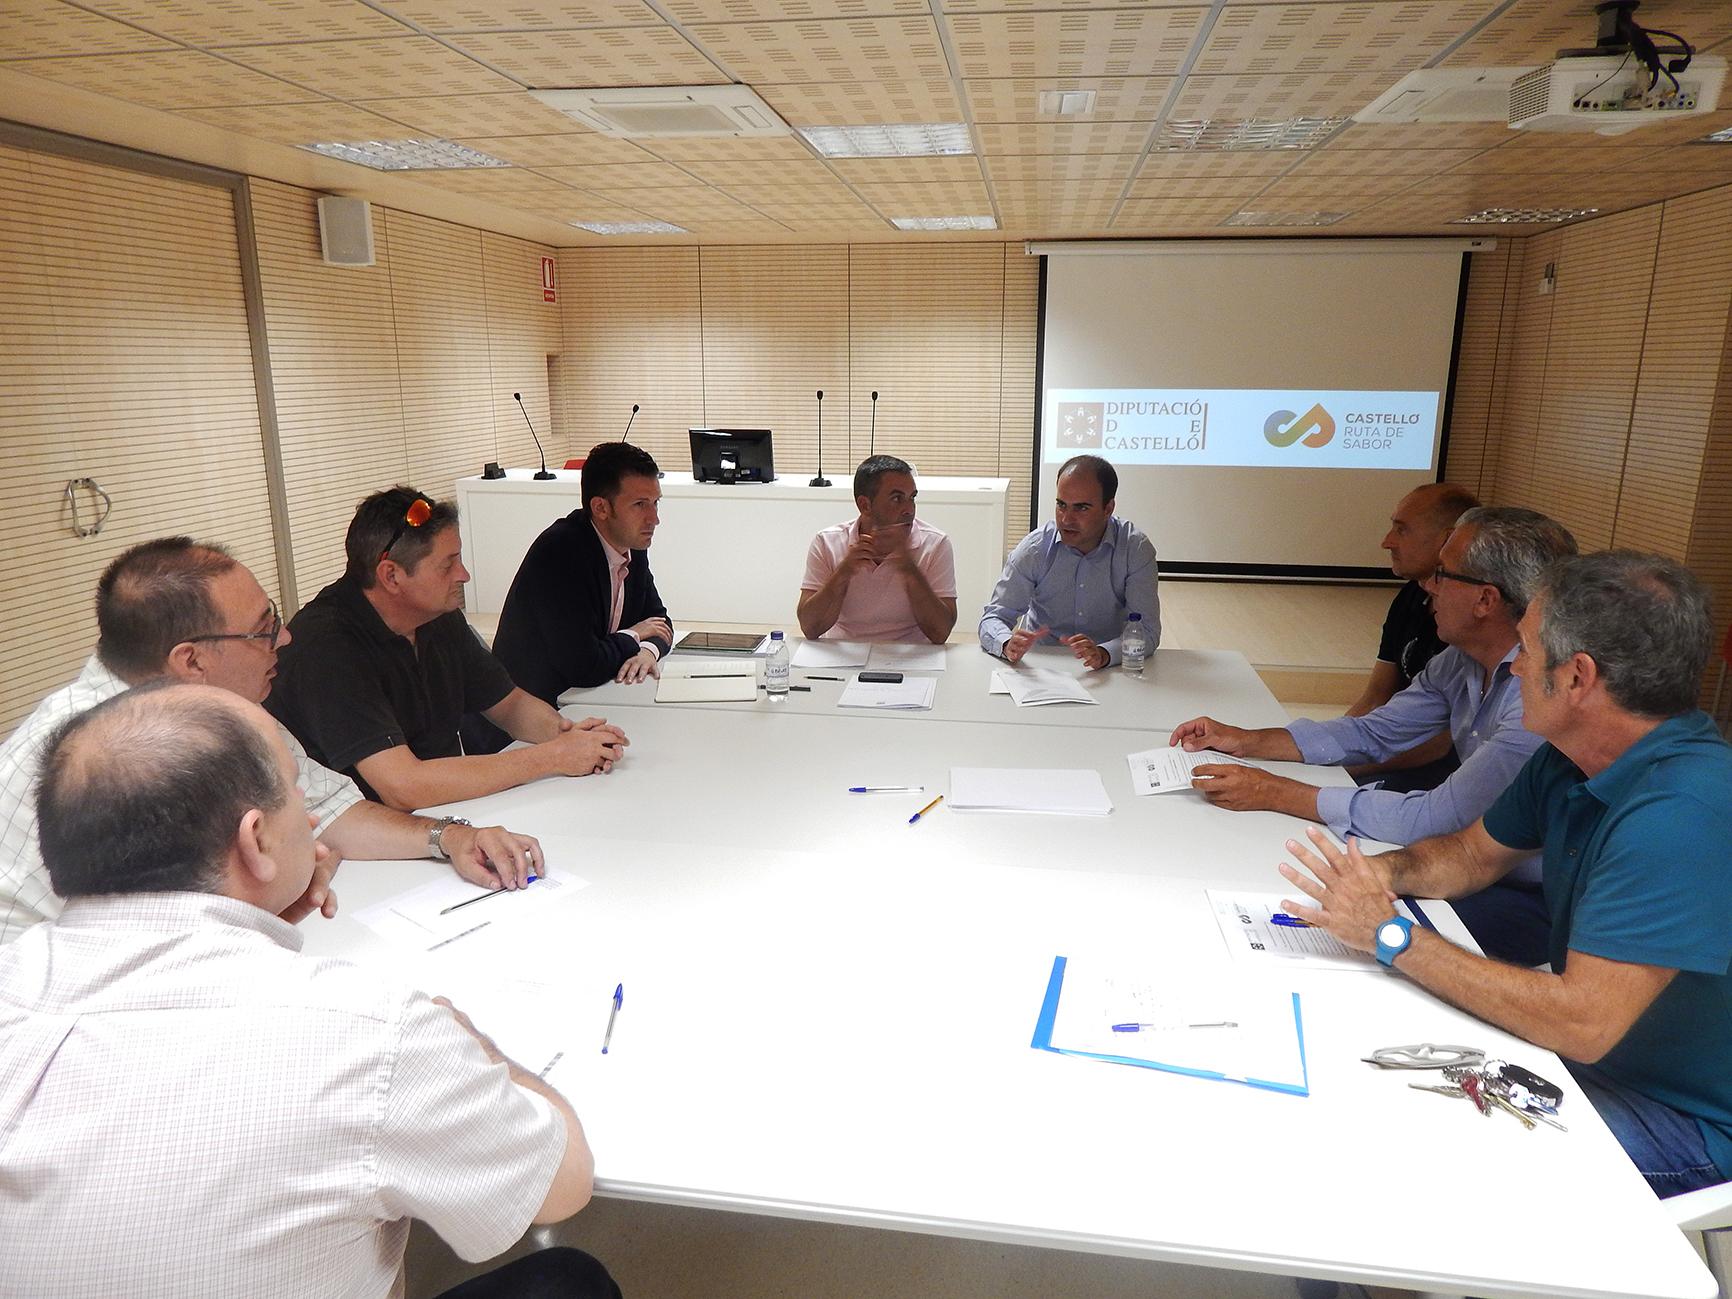 Castelló Ruta de Sabor incorporará las rosquilletas de Castellón como uno de los productos tradicionales de la provincia